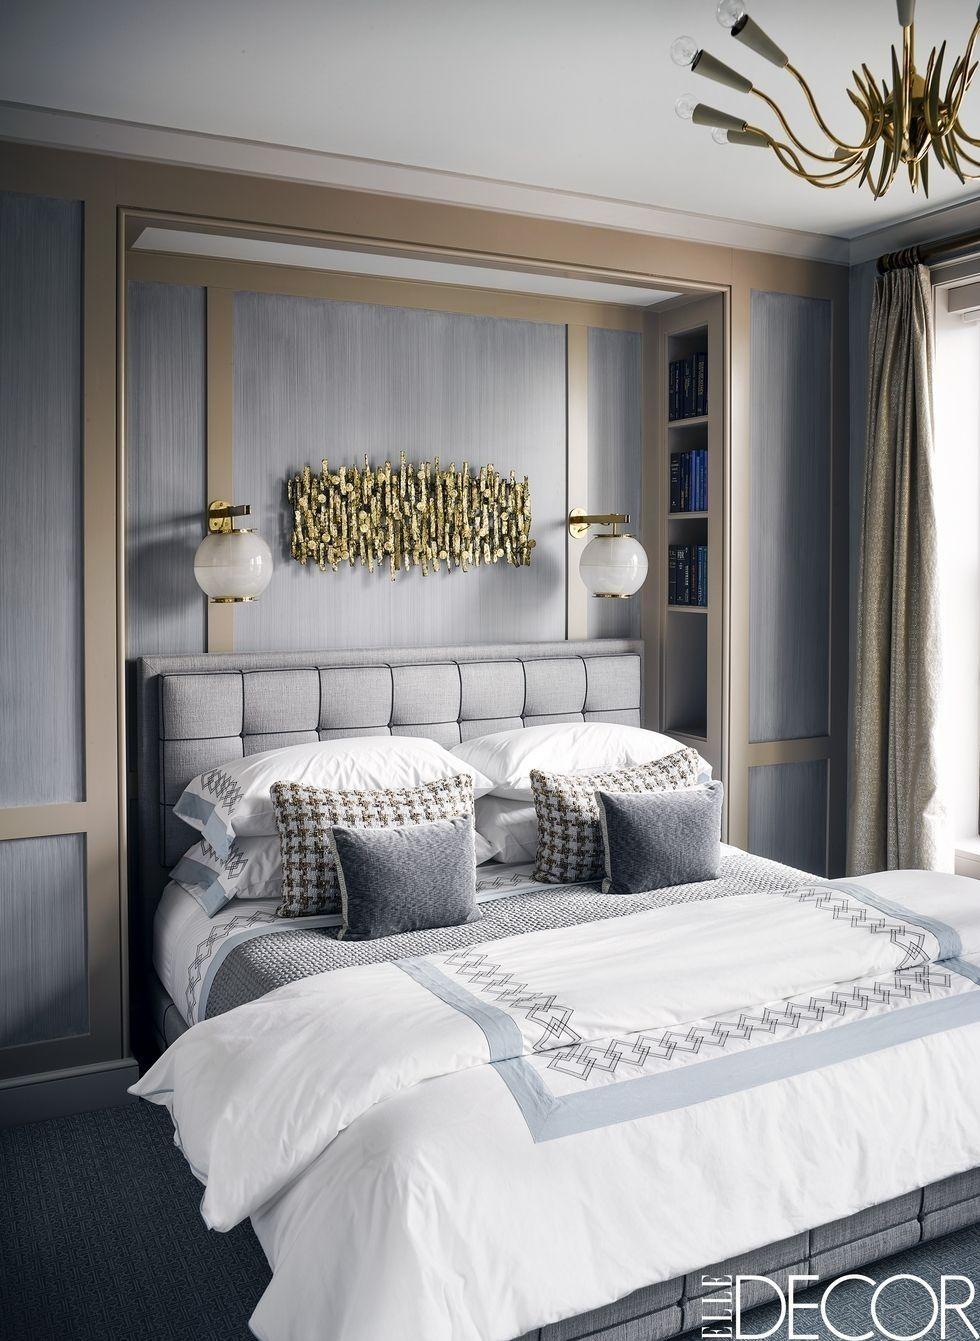 35 bedroom lighting ideas - best lights for bedrooms VHPICLQ